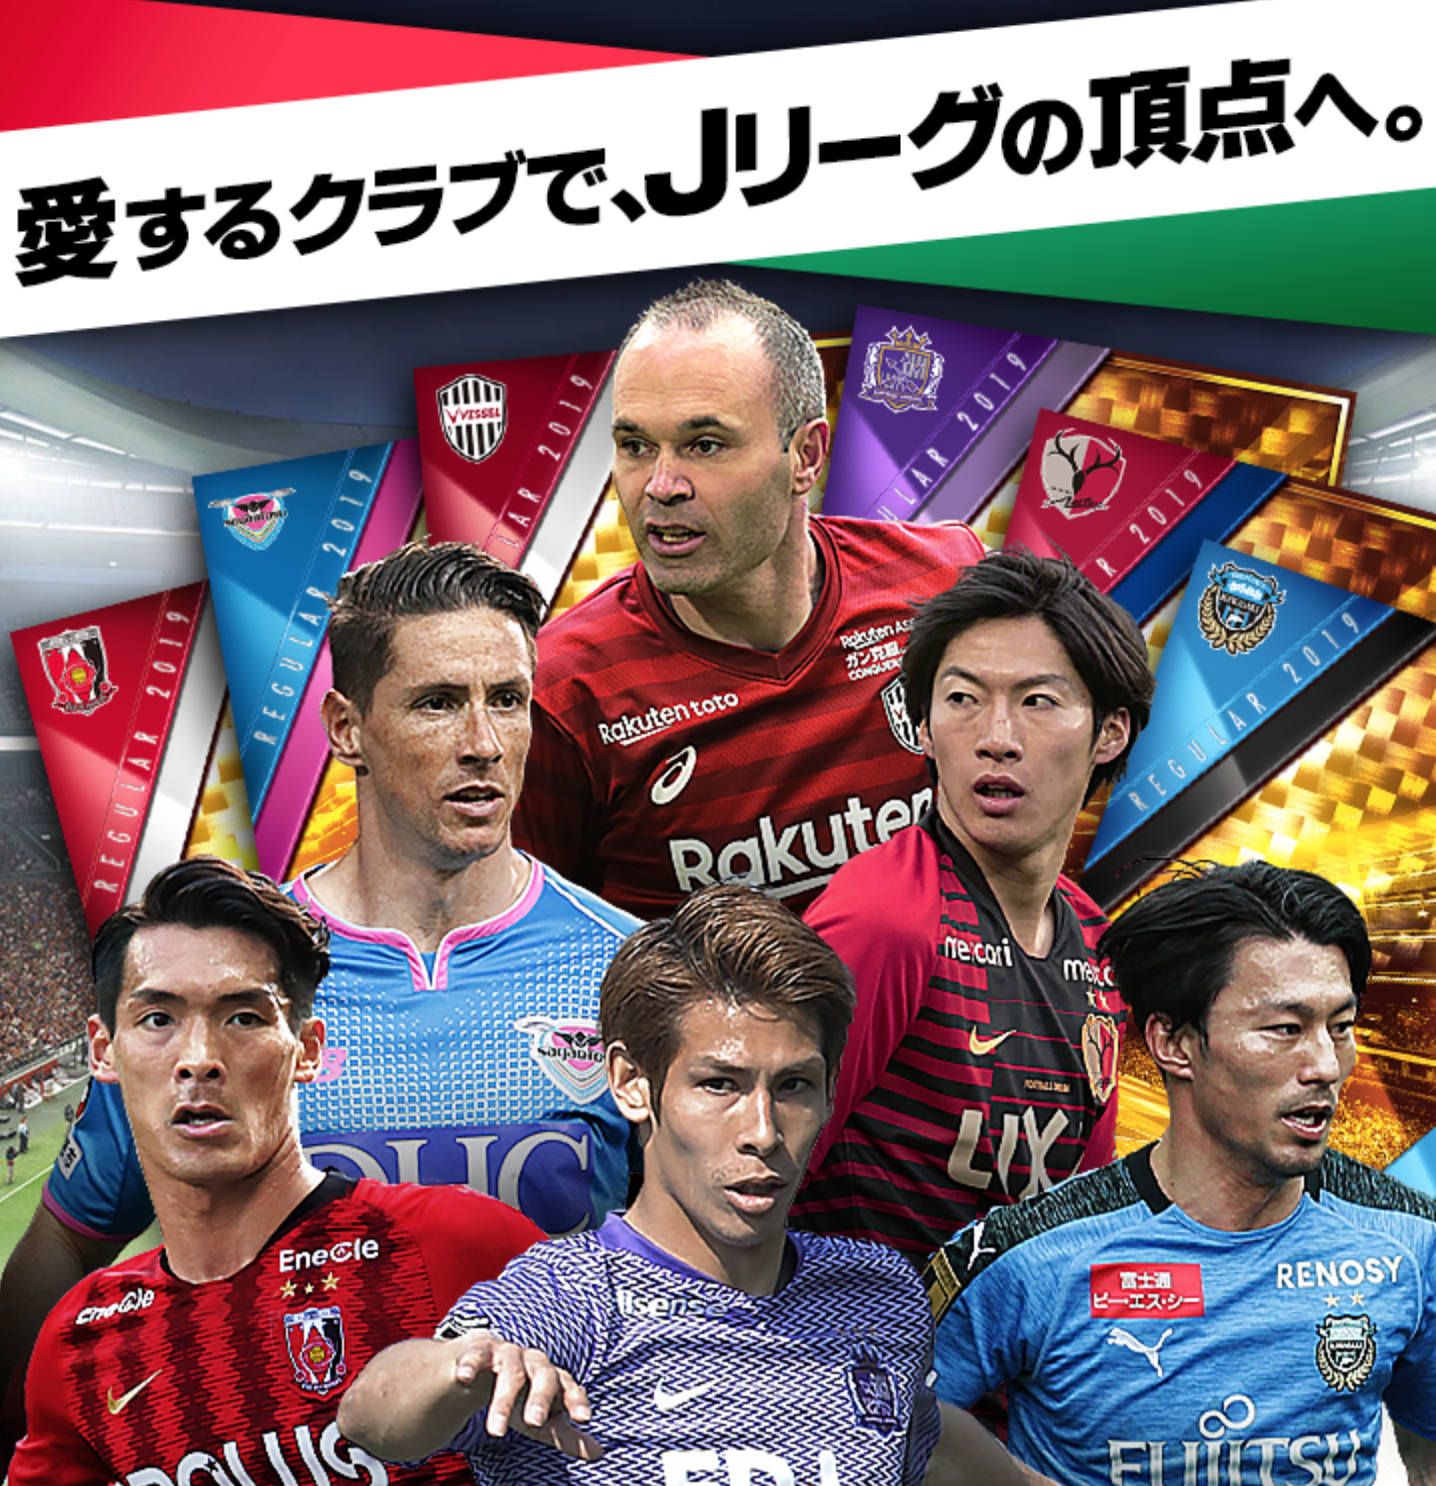 【Jリーグクラブチャンピオンシップ】配信日・リリース日はいつ?事前登録情報